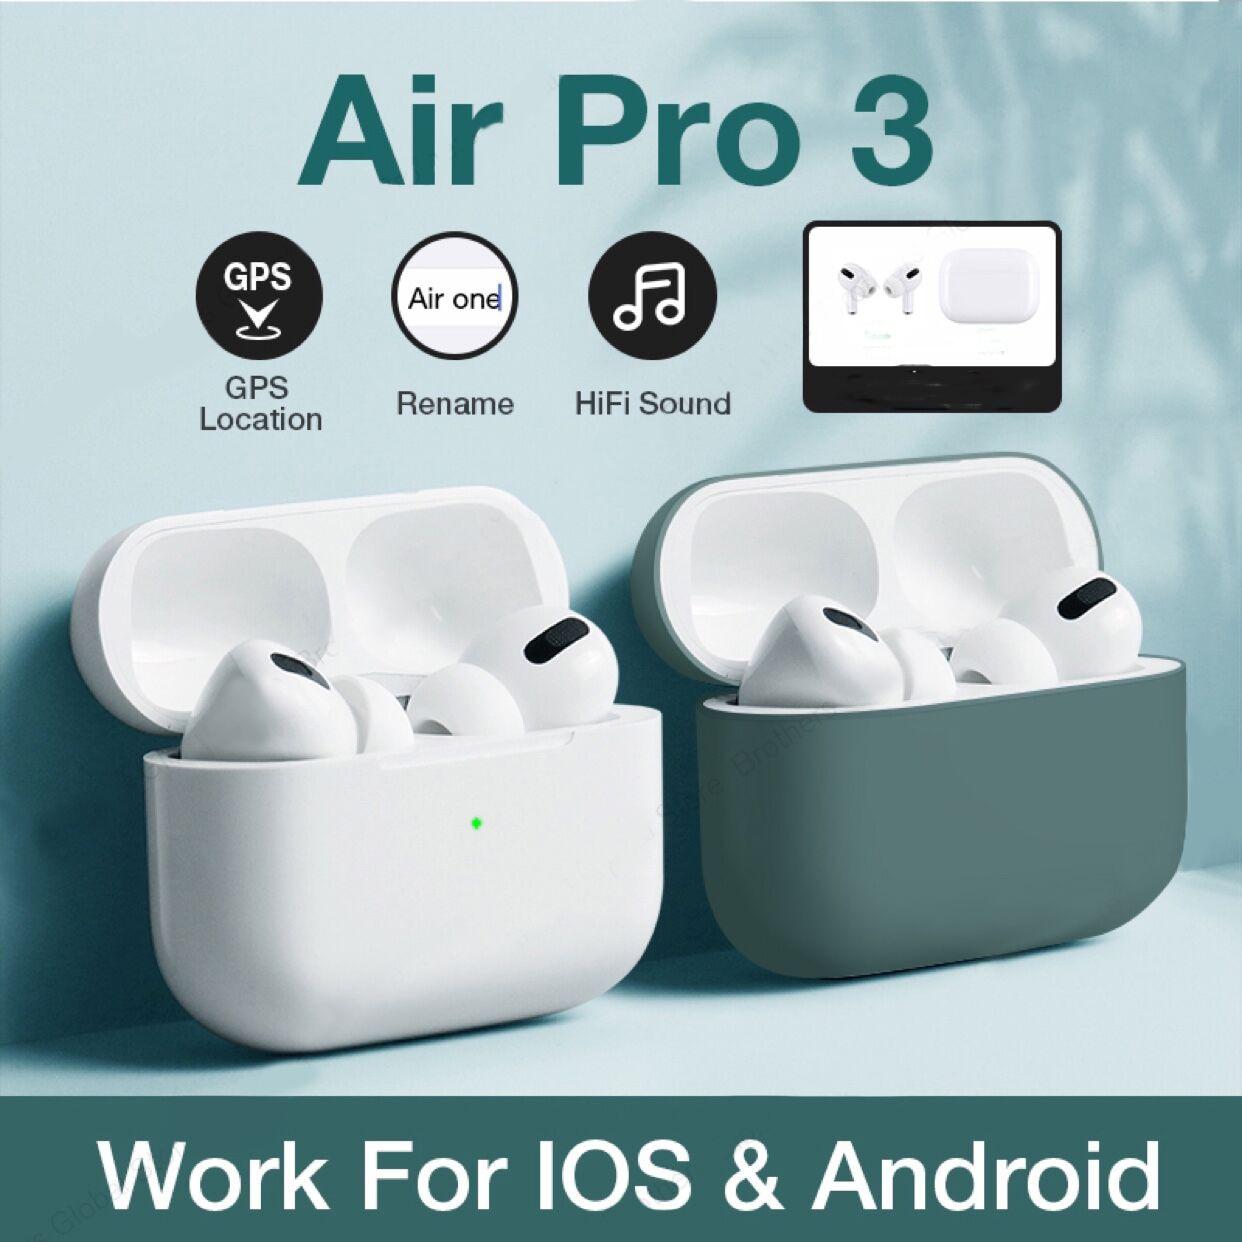 Беспроводные Bluetooth наушники с сенсорным управлением для airpods pro 3, спортивные наушники вкладыши для Iphone, Xiaomi, TWS, музыкальная гарнитура Наушники и гарнитуры    АлиЭкспресс